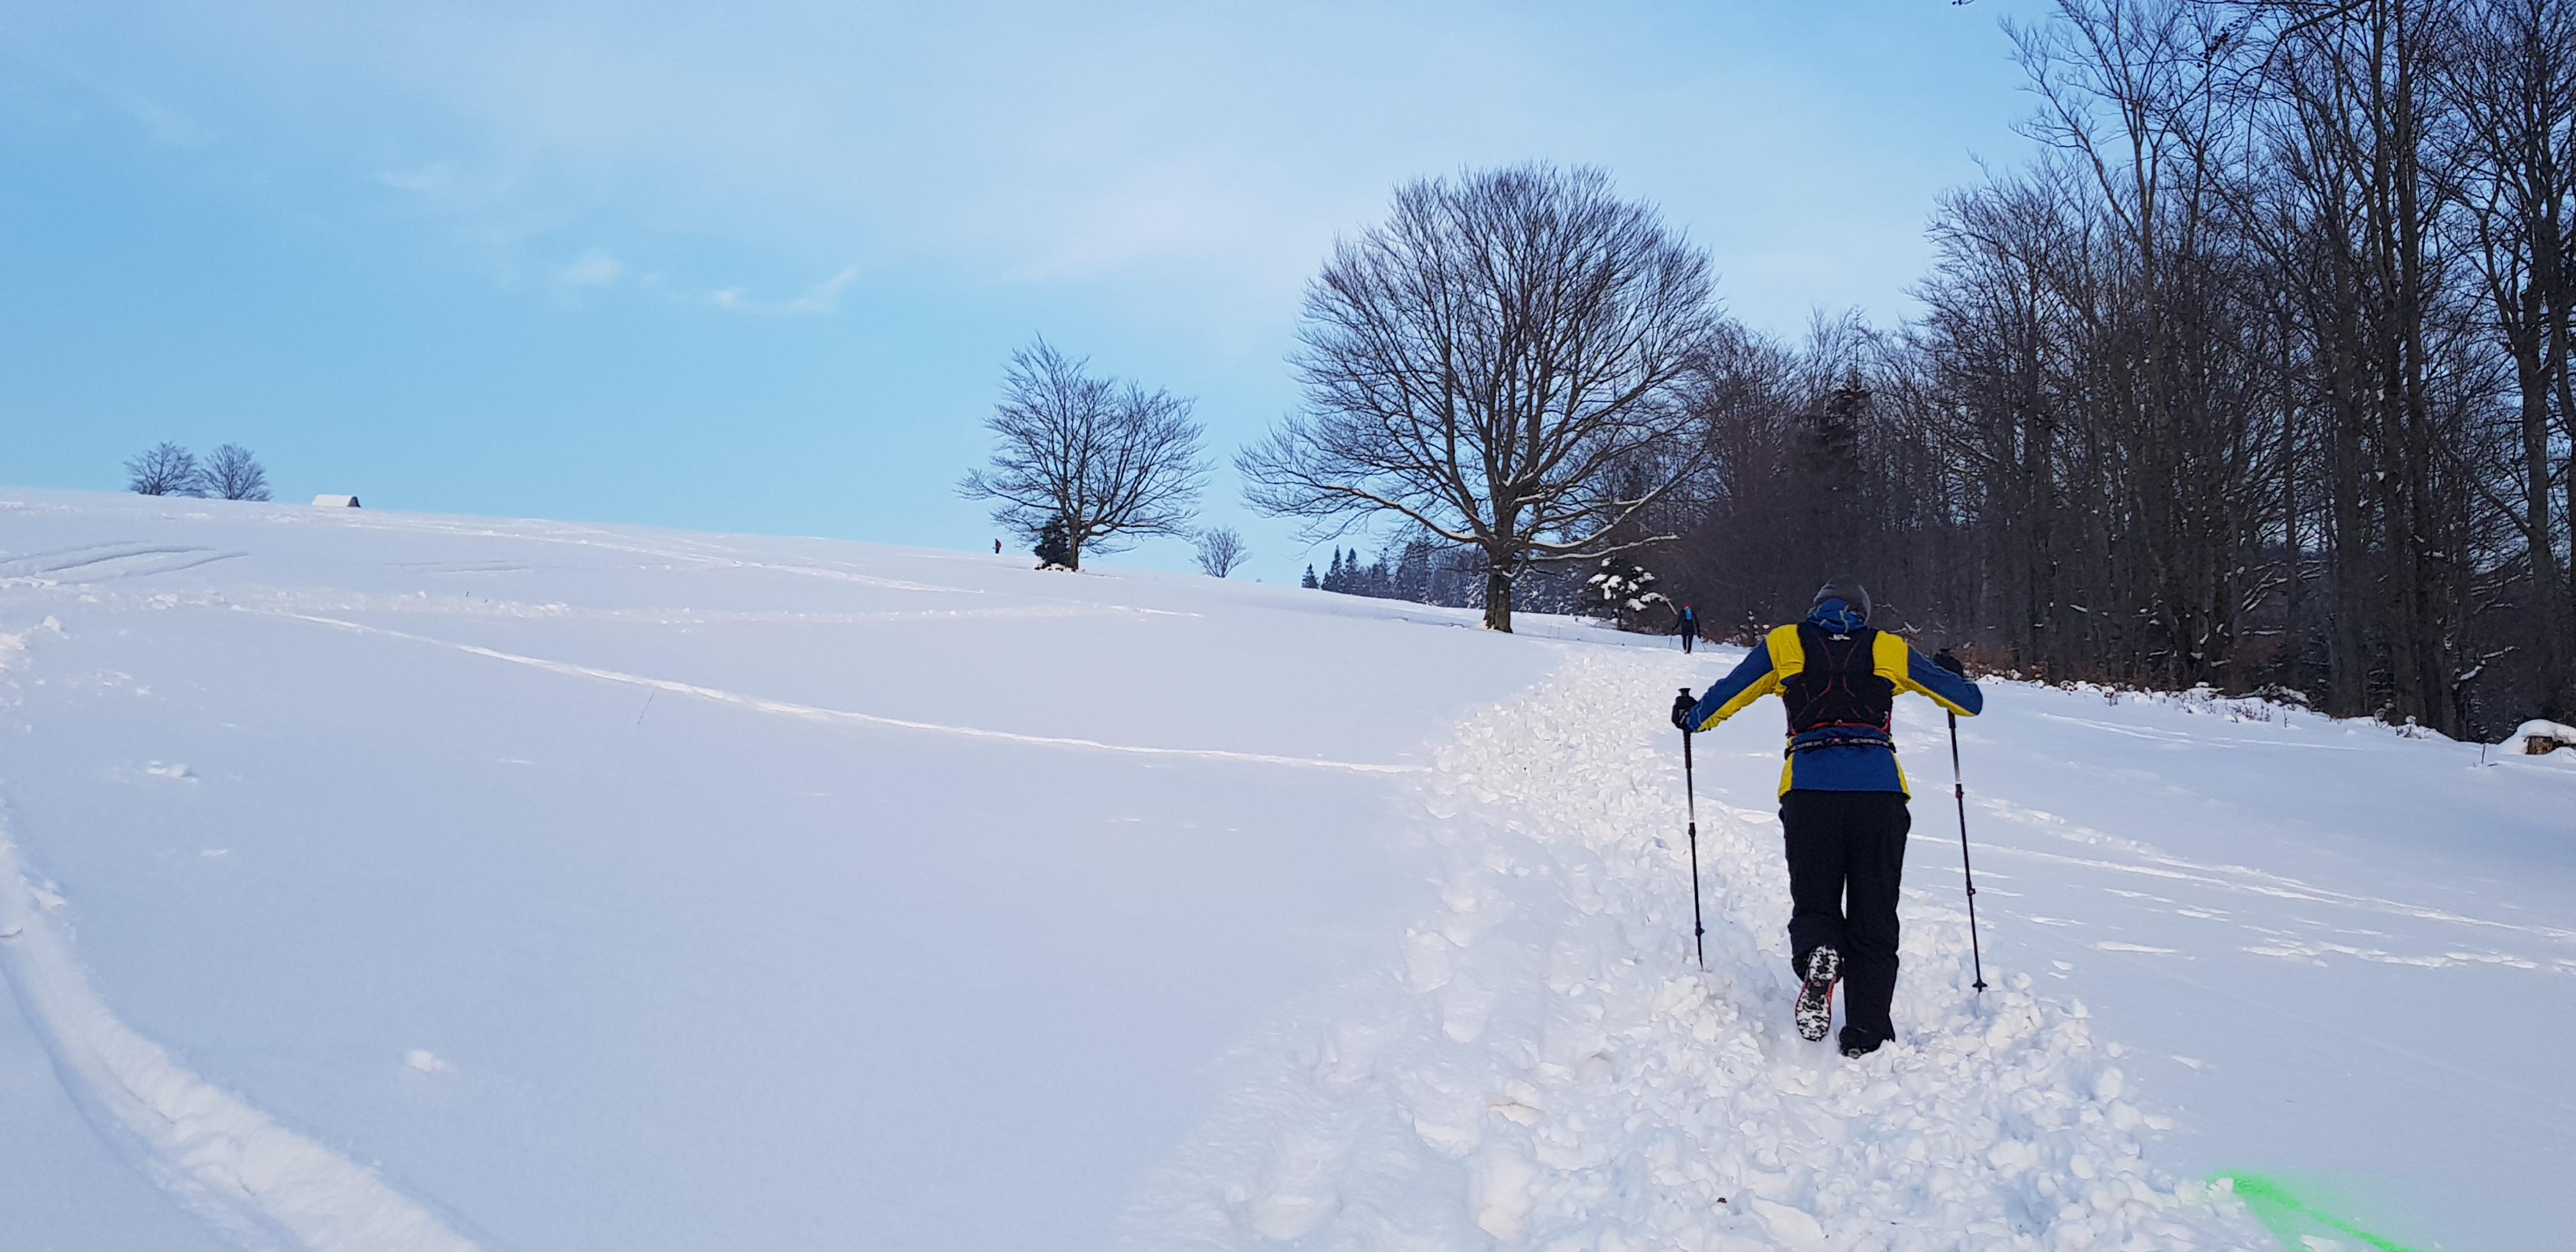 bieganie w śniegu